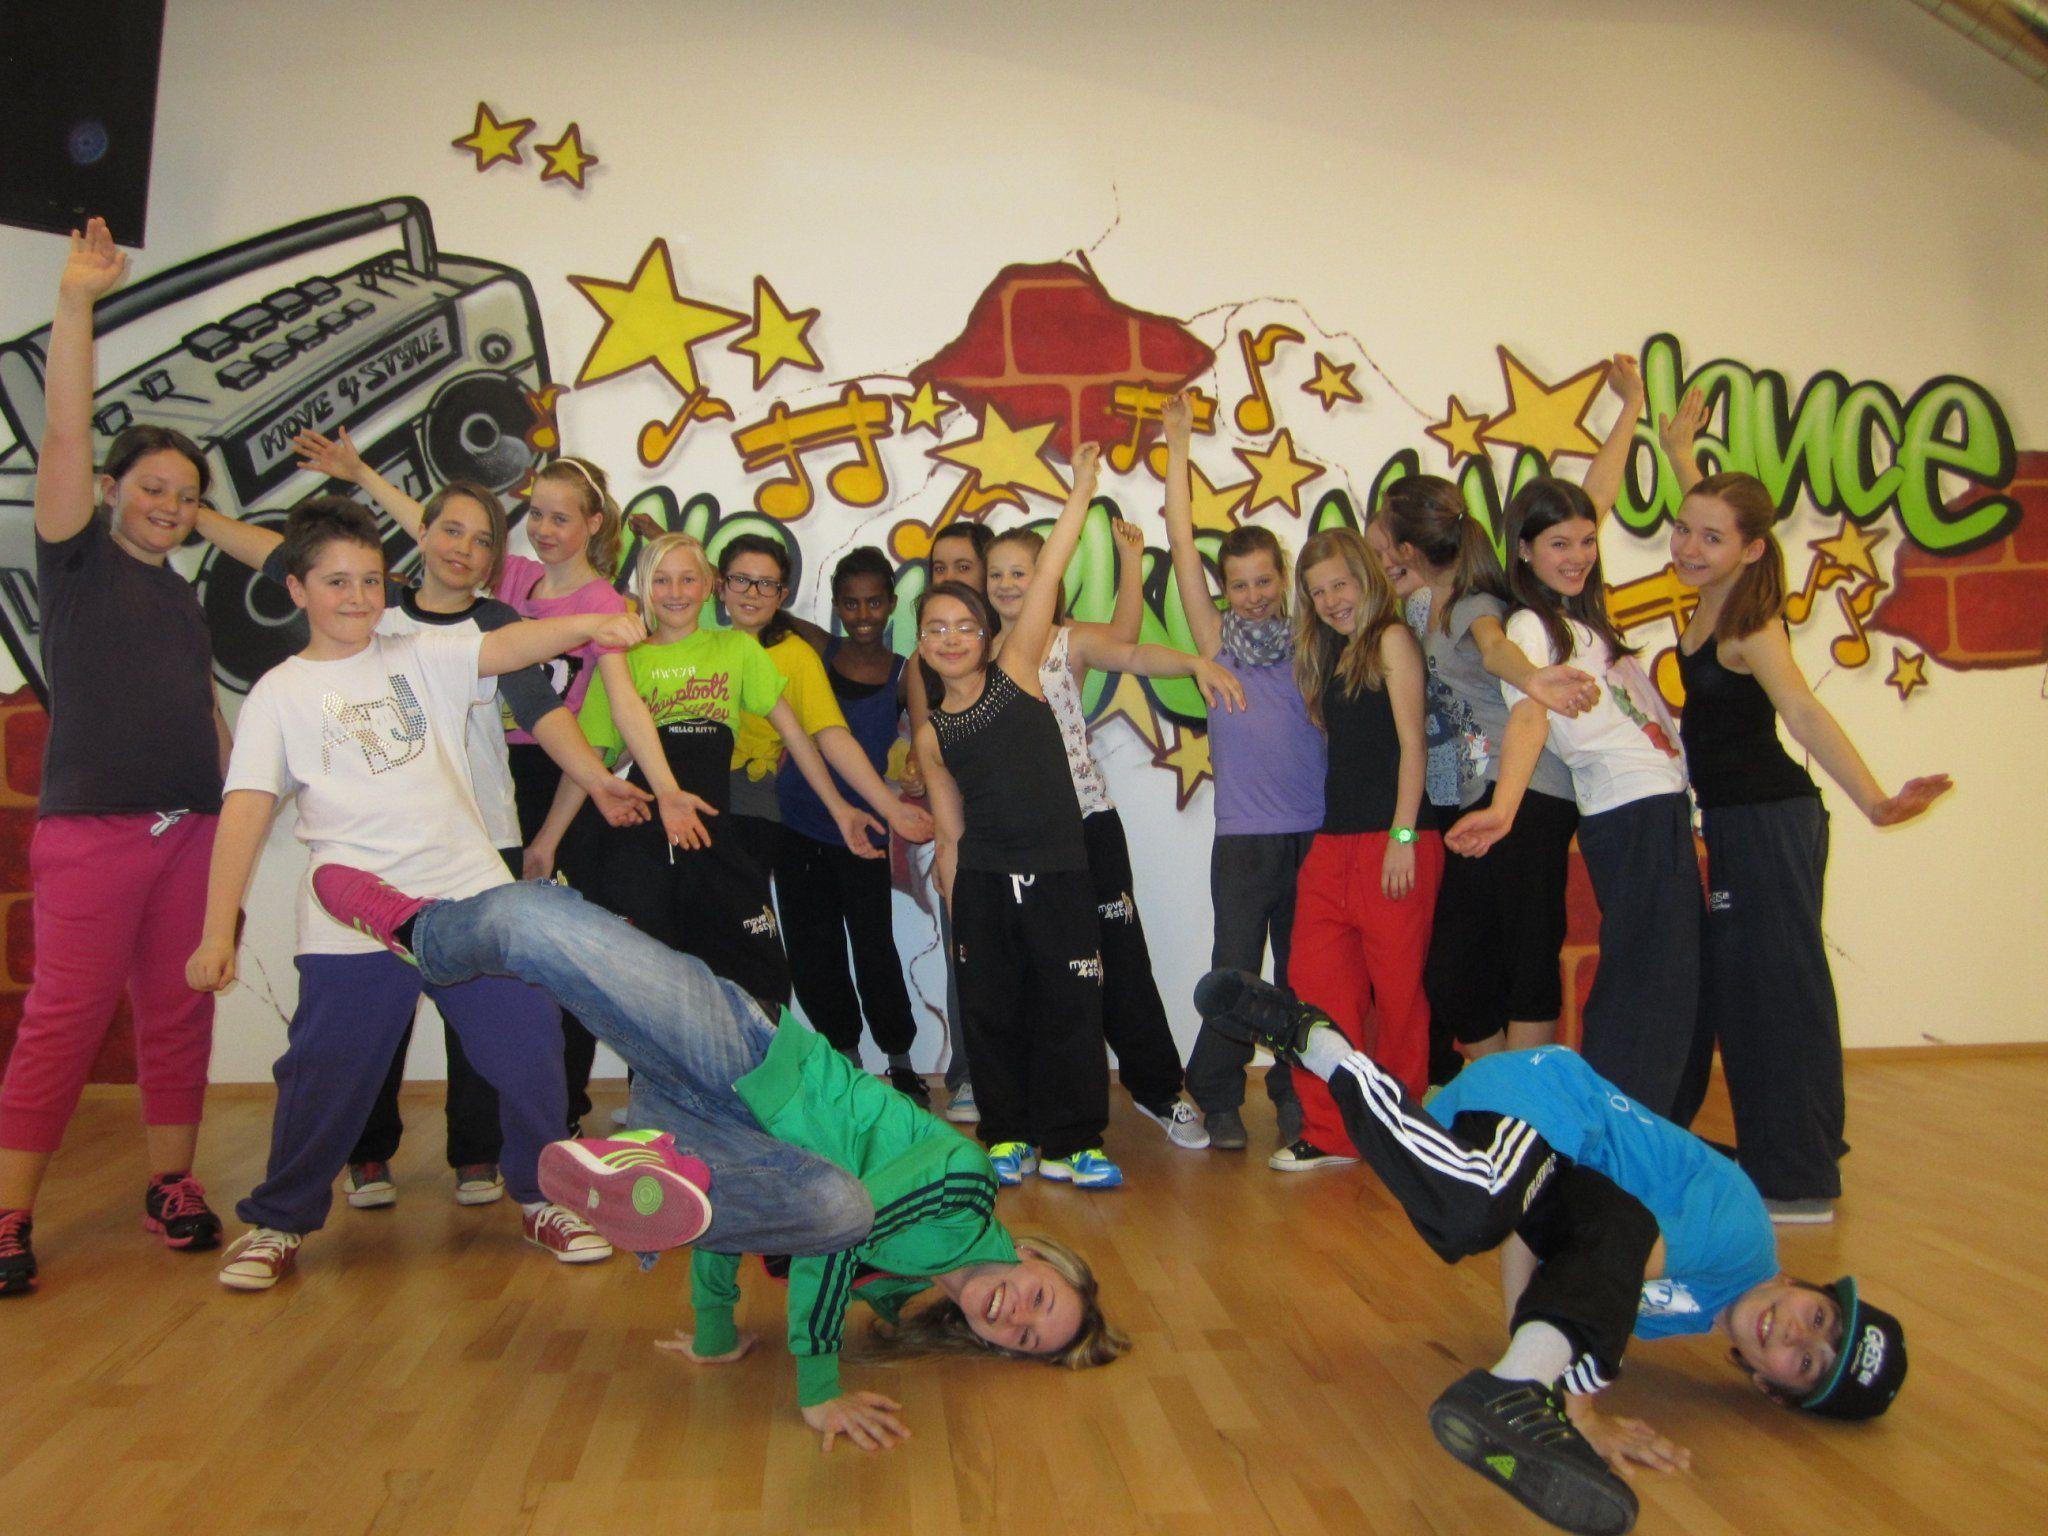 Tanzen soll Spaß machen - und sonst gar nichts . . .